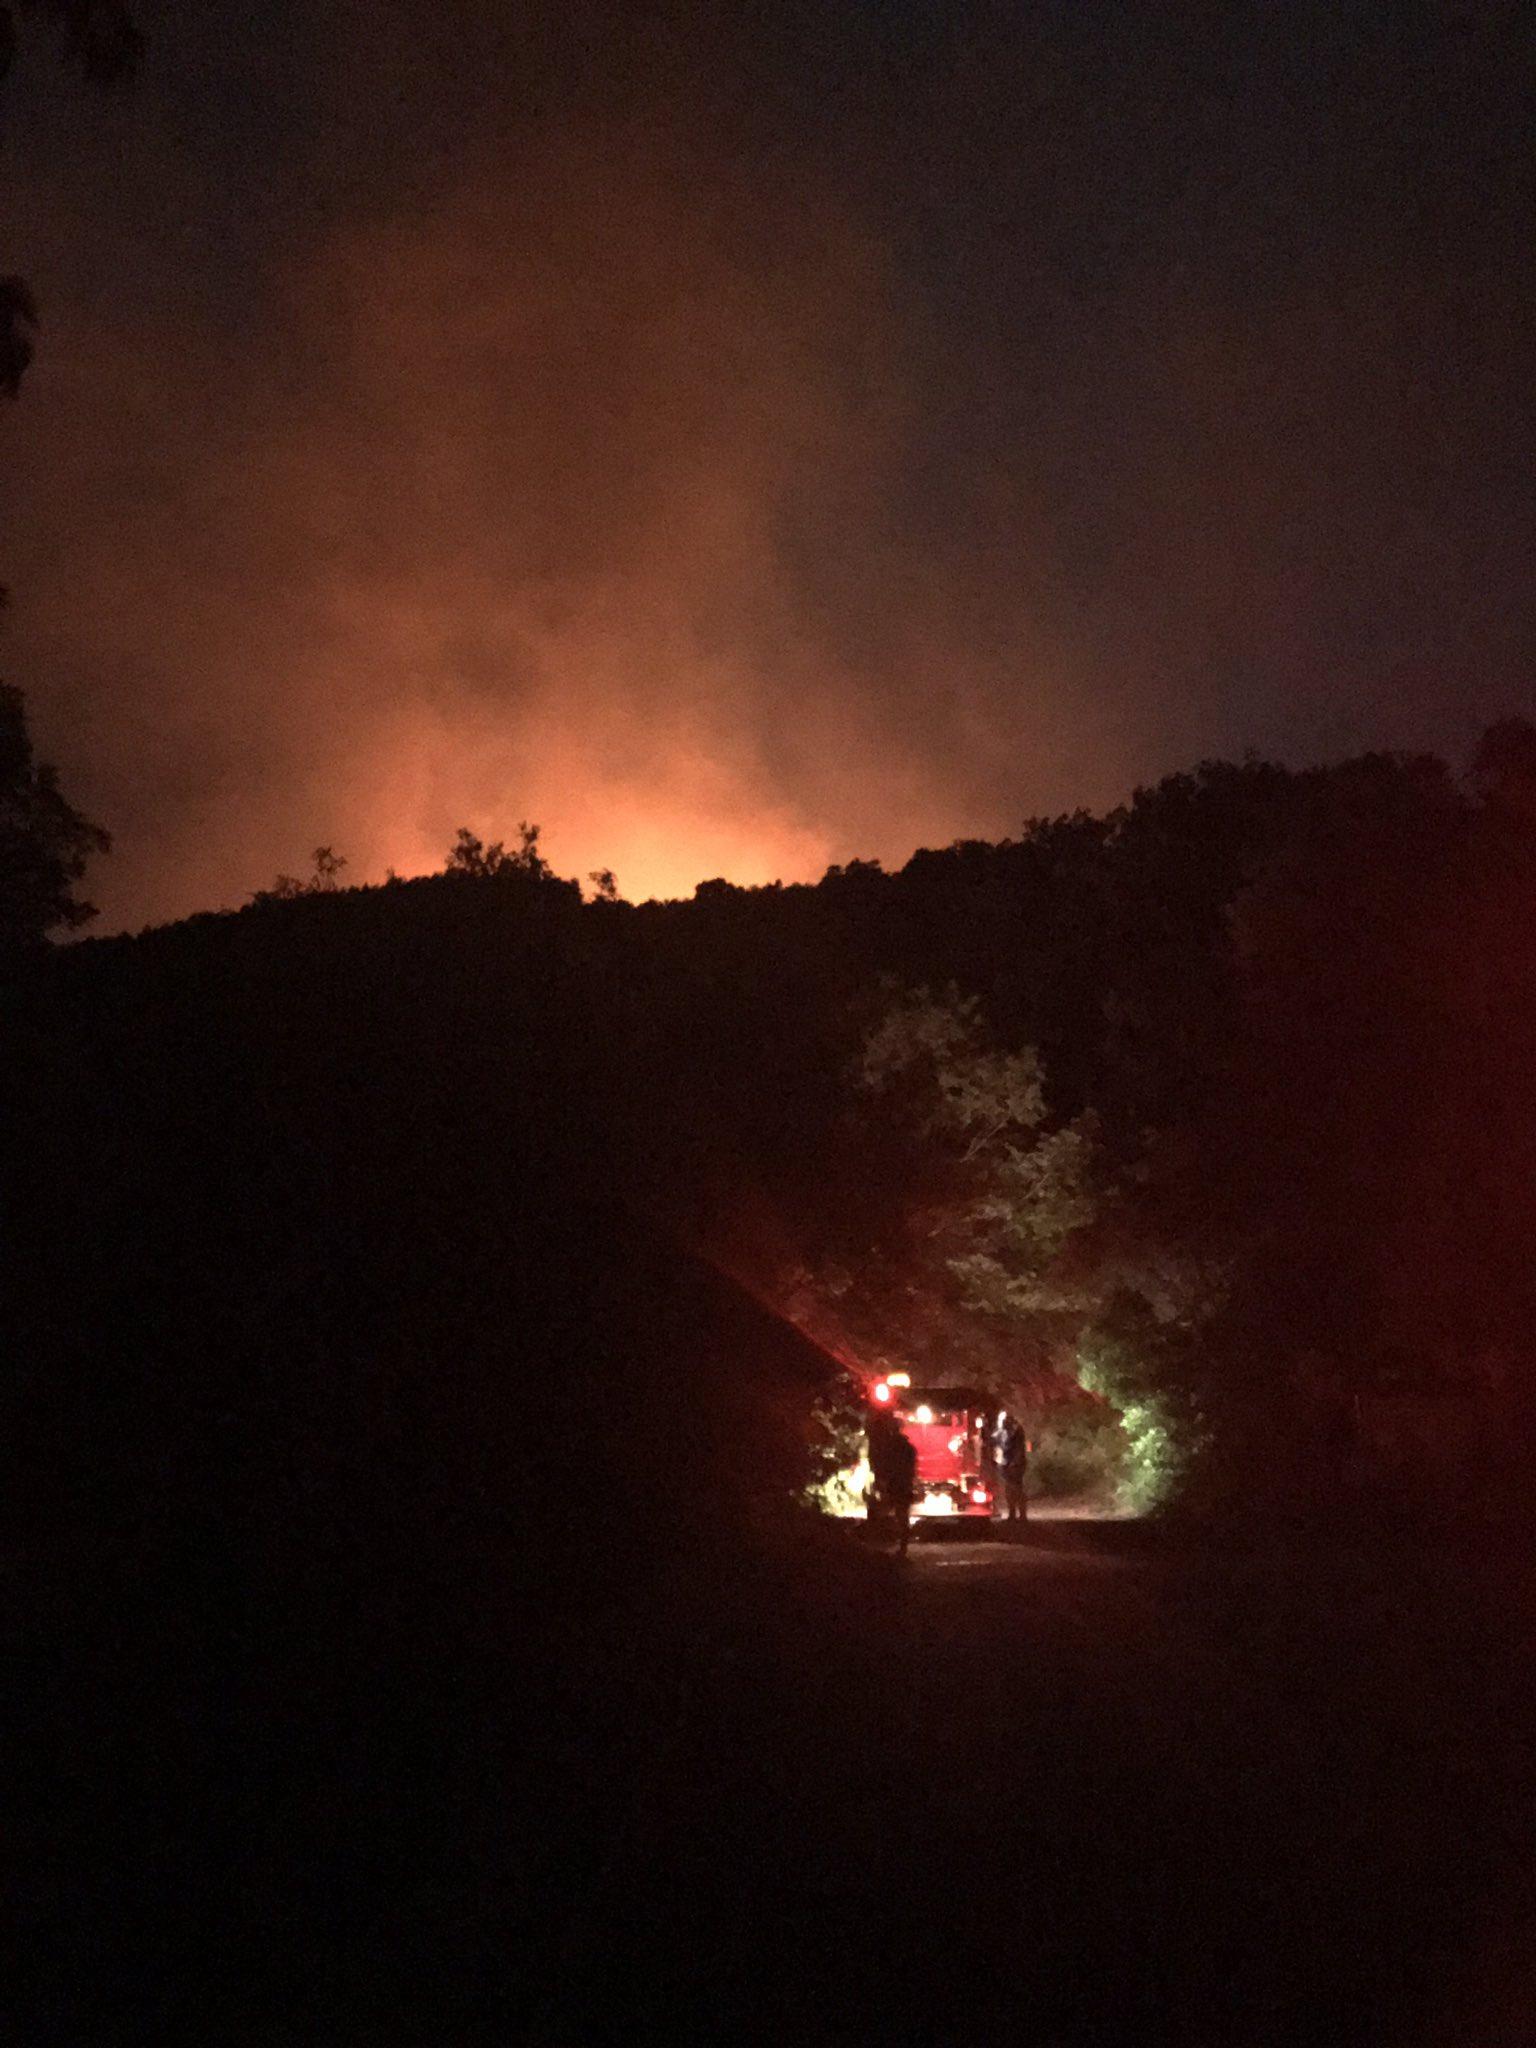 画像,大火事。 https://t.co/RRXHnfWGc7。